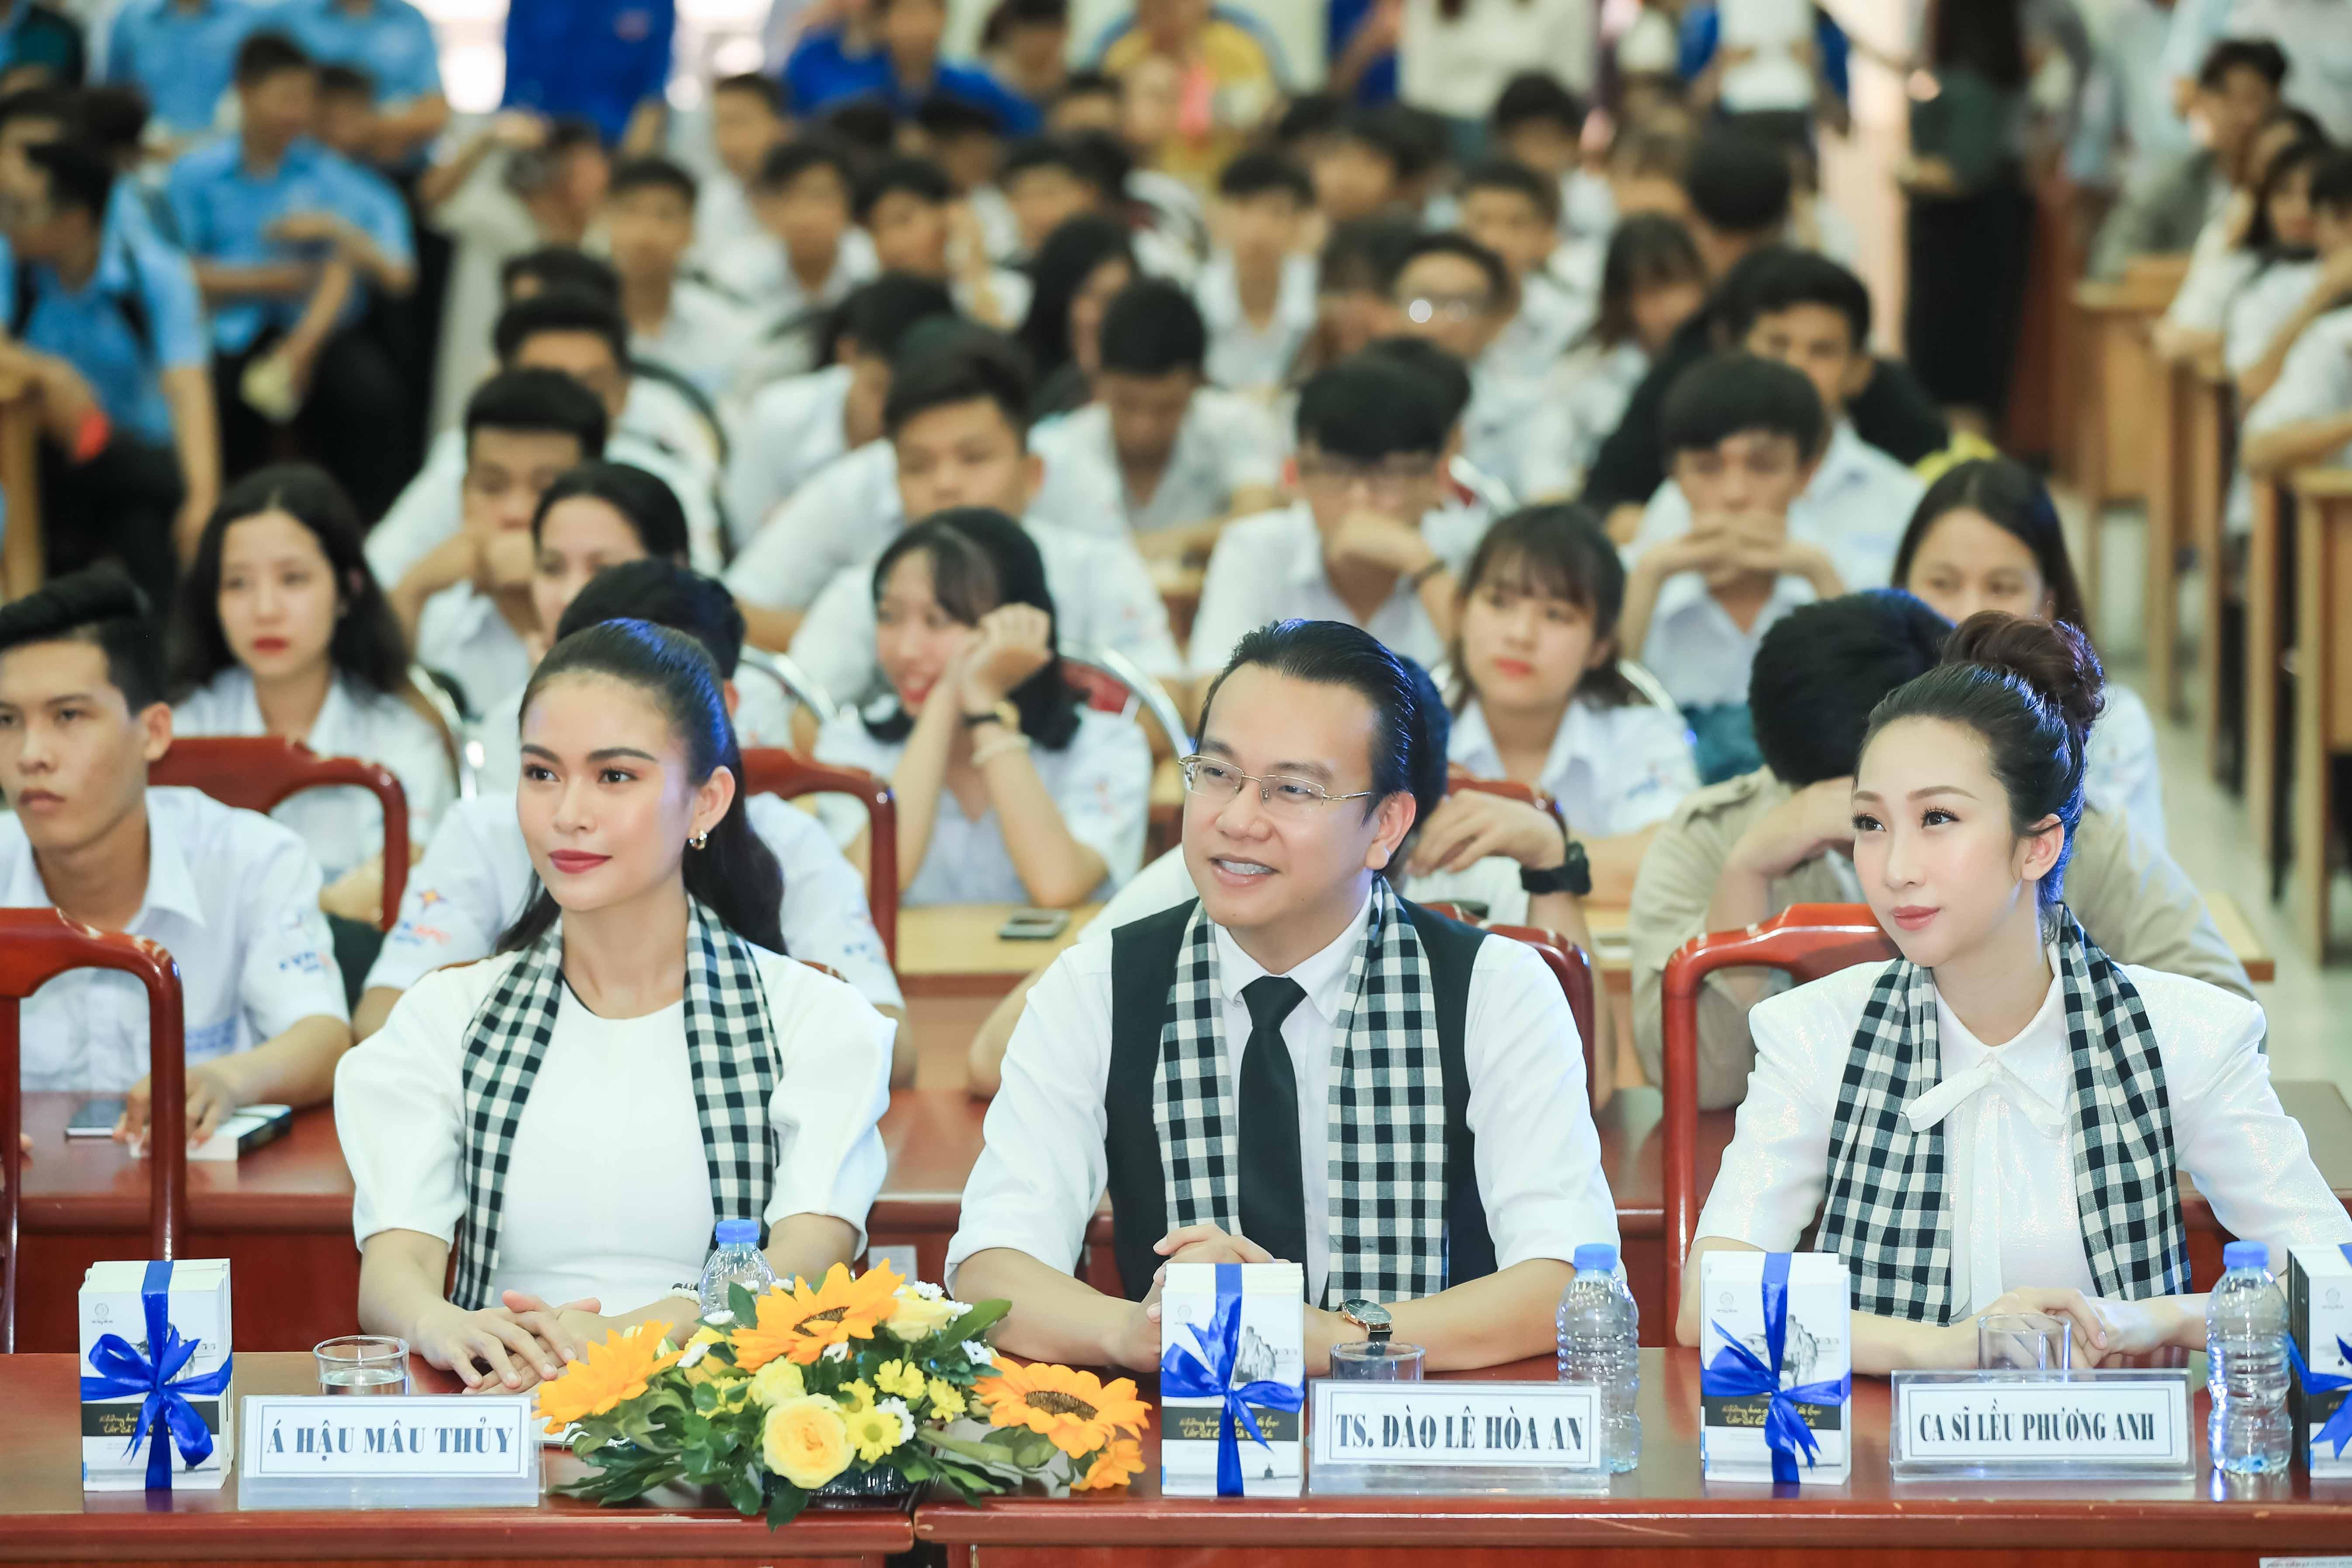 Hình ảnh Ca sĩ Lều Phương Anh: